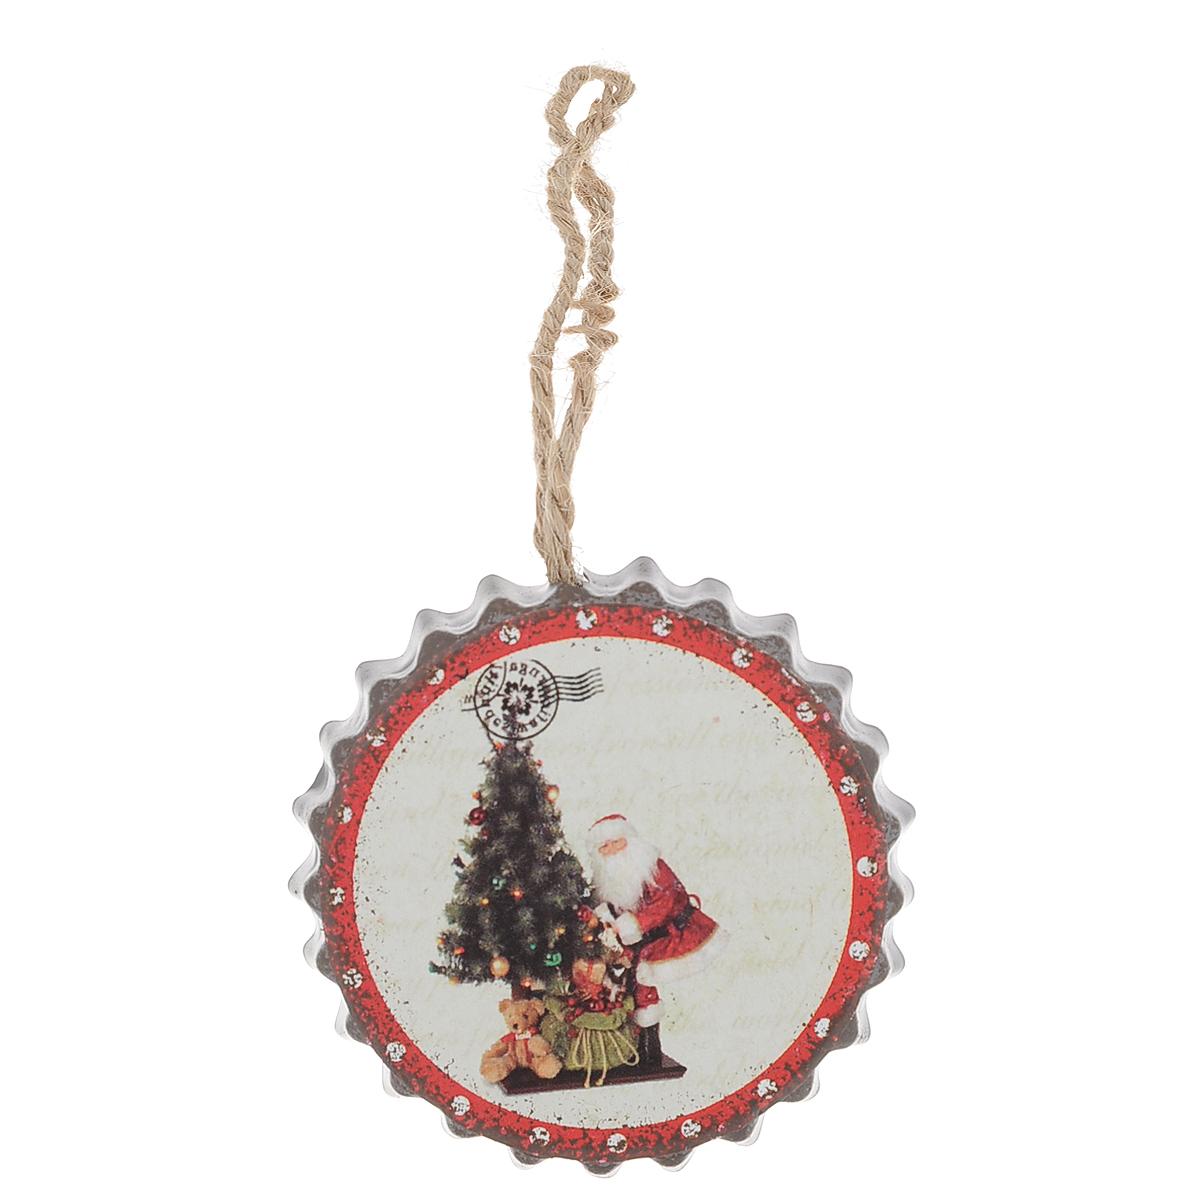 Новогоднее подвесное украшение Феникс-Презент Дед Мороз у елки, диаметр 5,5 см35289Оригинальное новогоднее украшение из пластика прекрасно подойдет для праздничного декора дома и новогодней ели. Изделие крепится на елку с помощью металлического зажима.